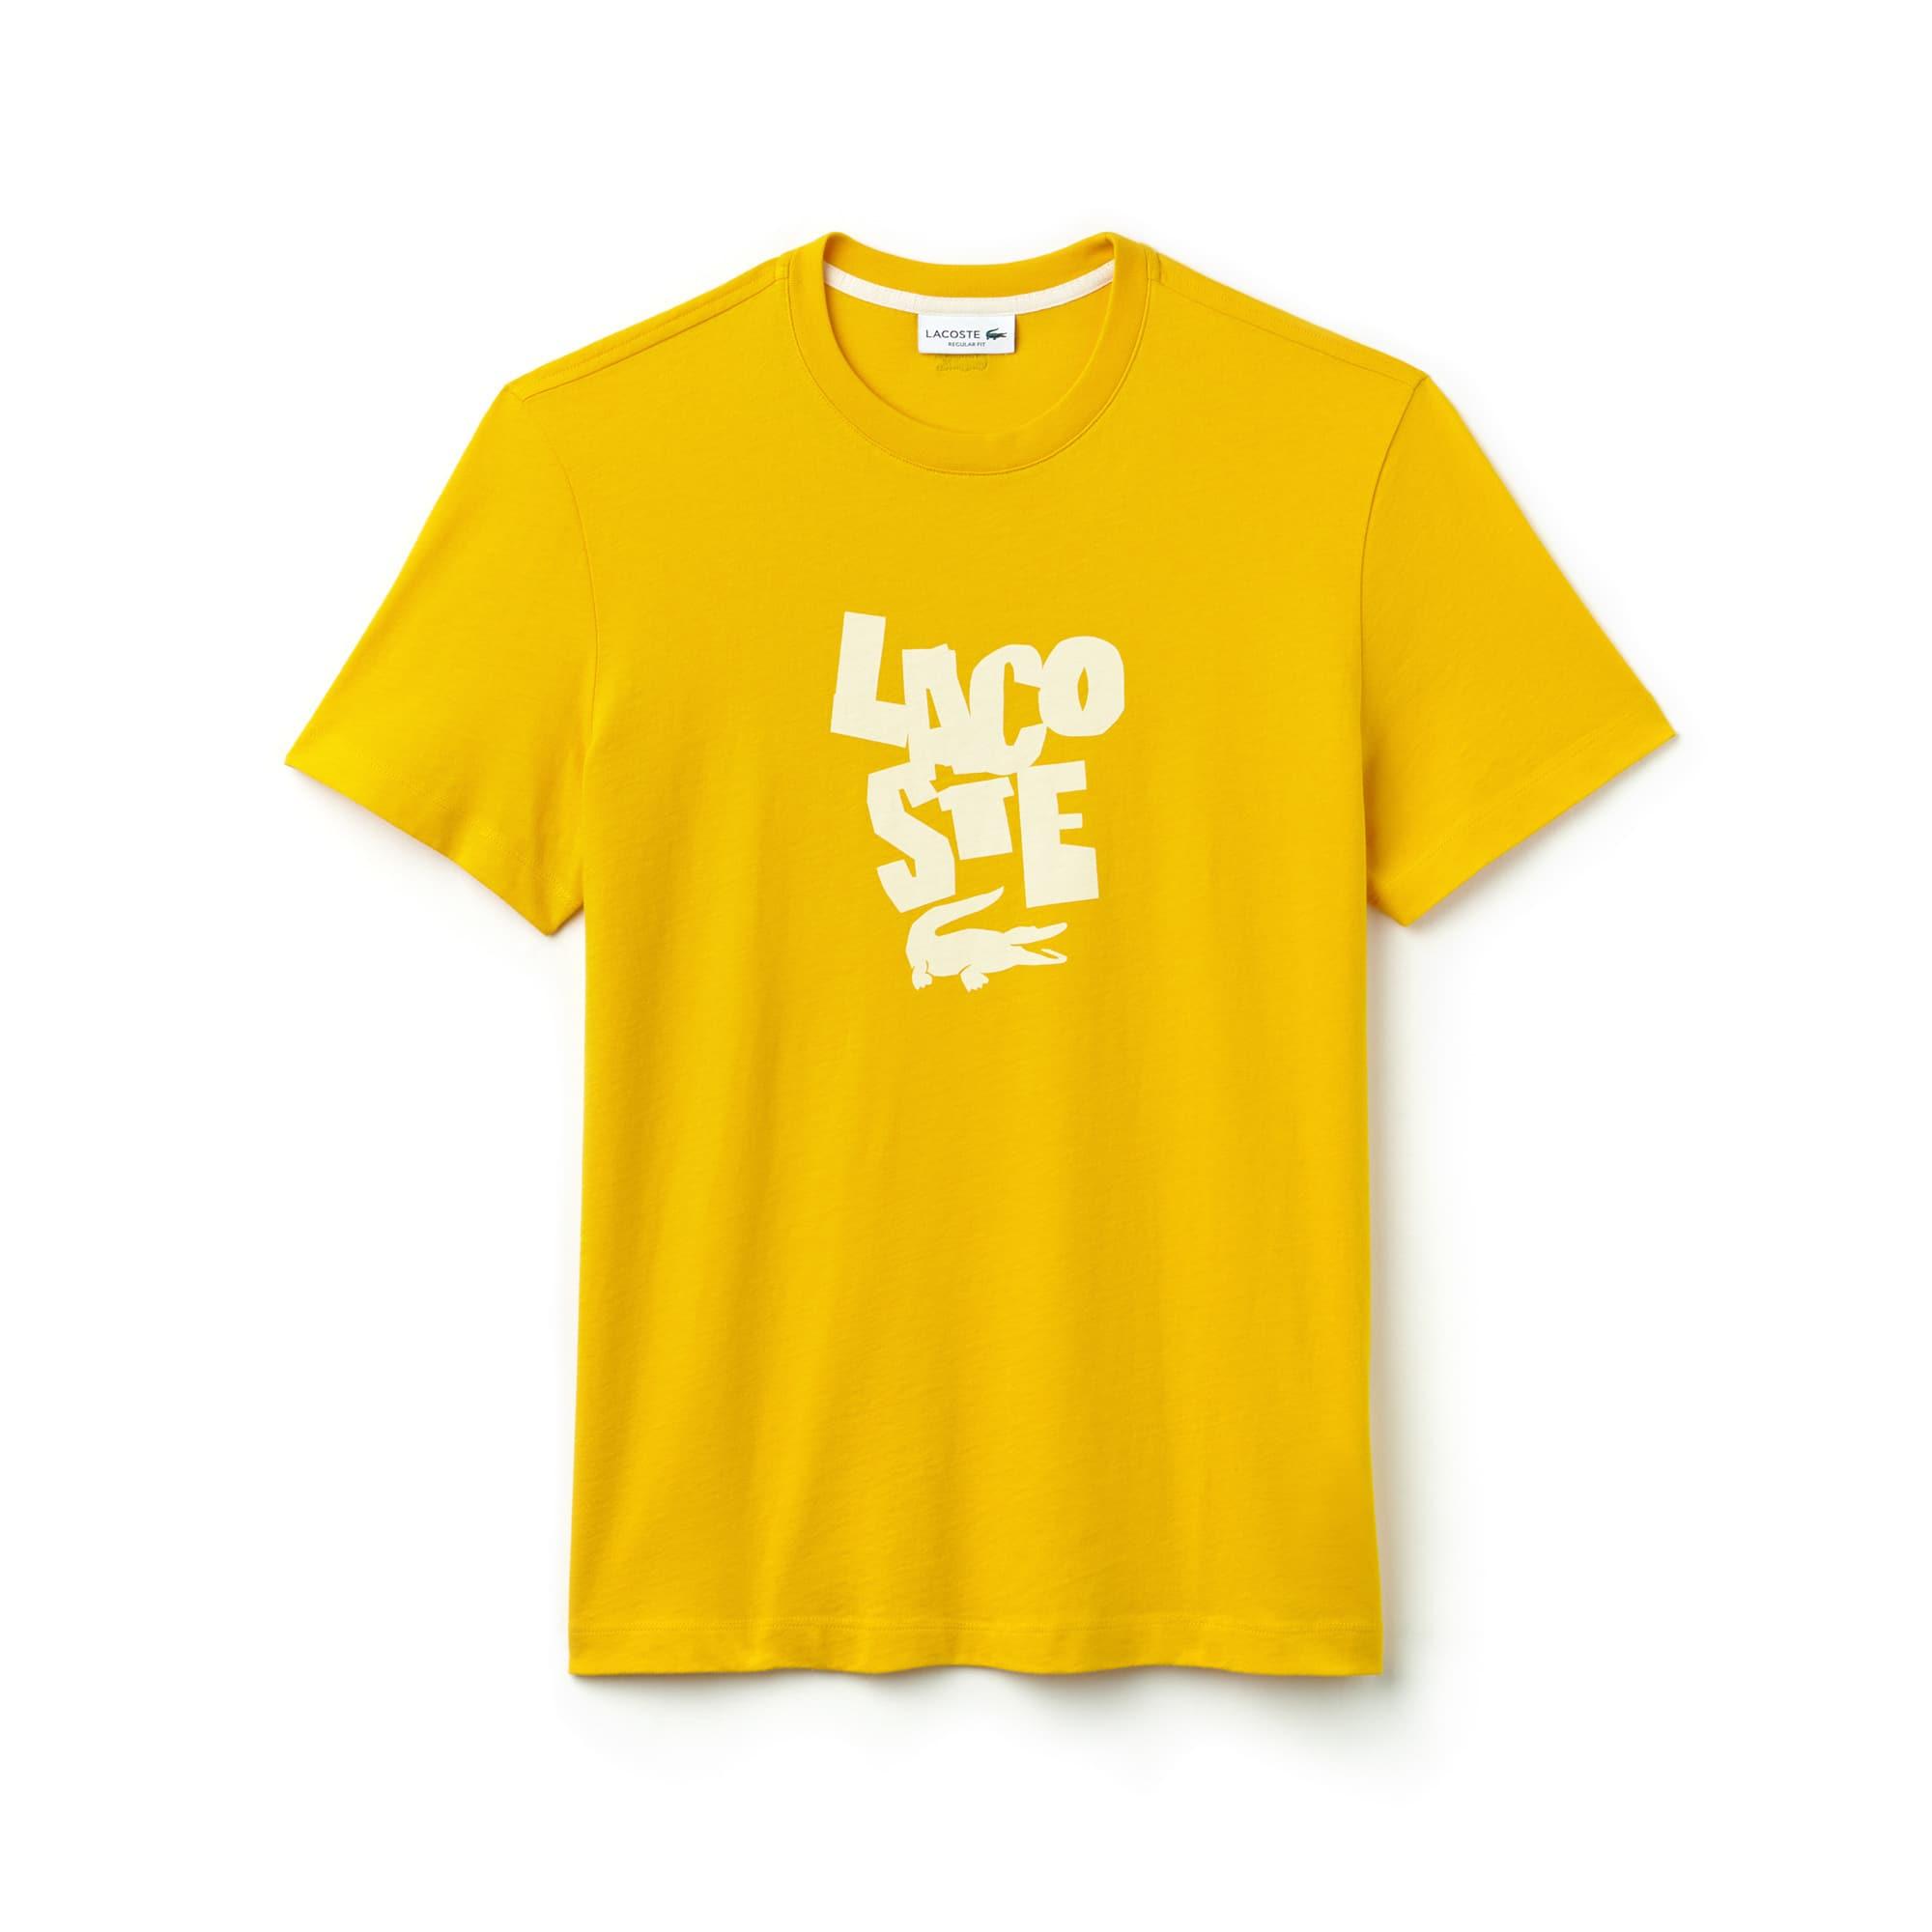 Men's Crew Neck Lettering Cotton T-Shirt